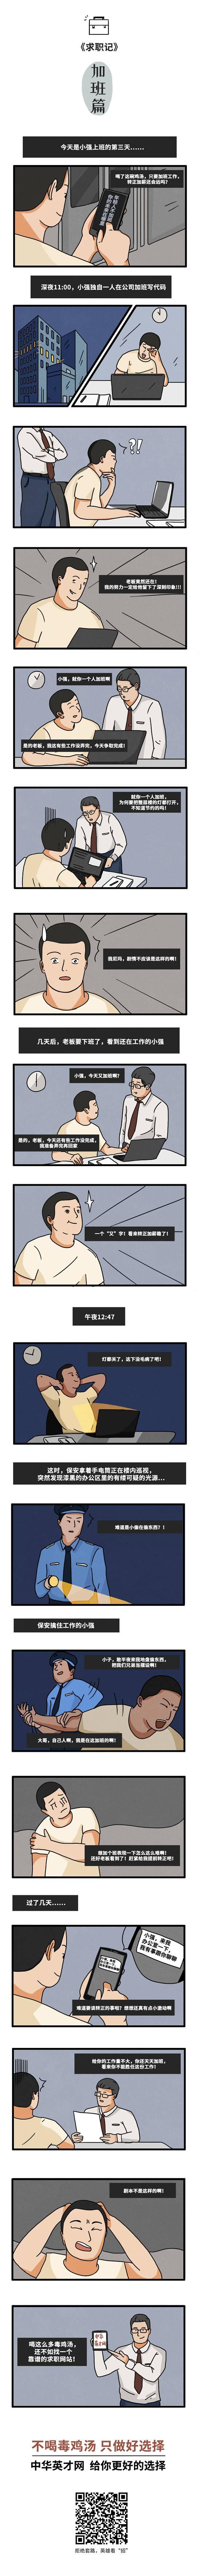 """中华英才网倡导拒绝""""毒鸡汤"""",网友:人生不易 不需要那么多""""演技"""""""